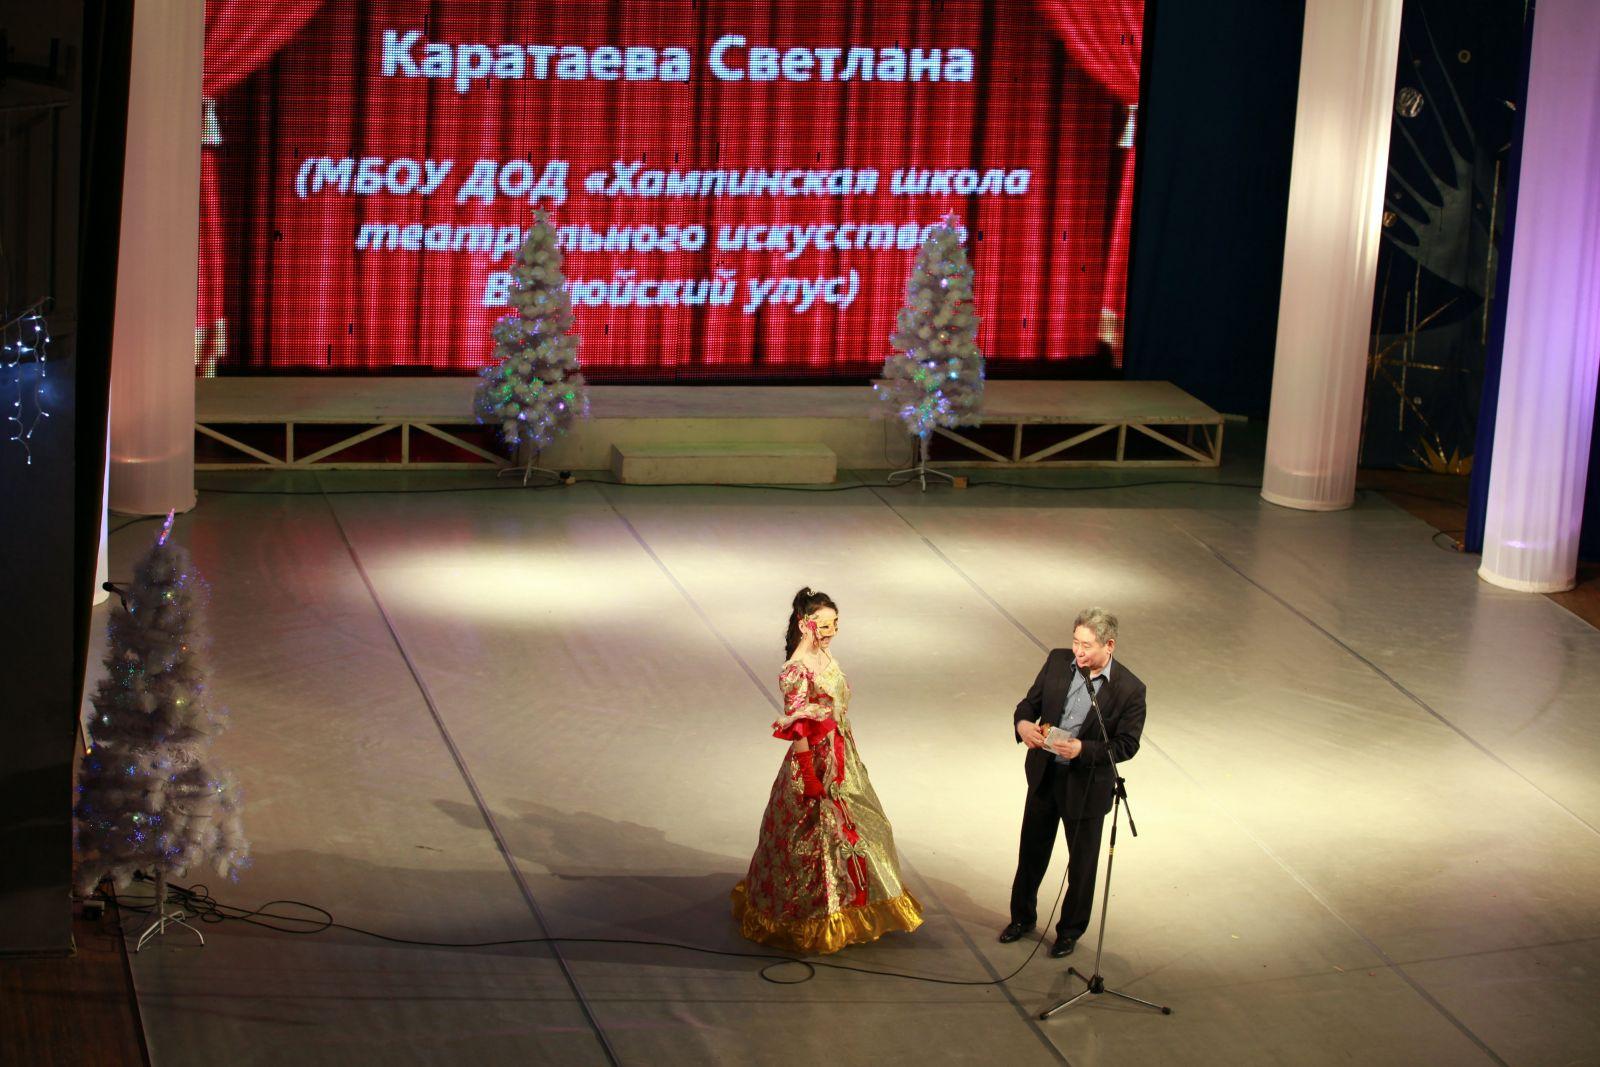 Светлана Каратаева